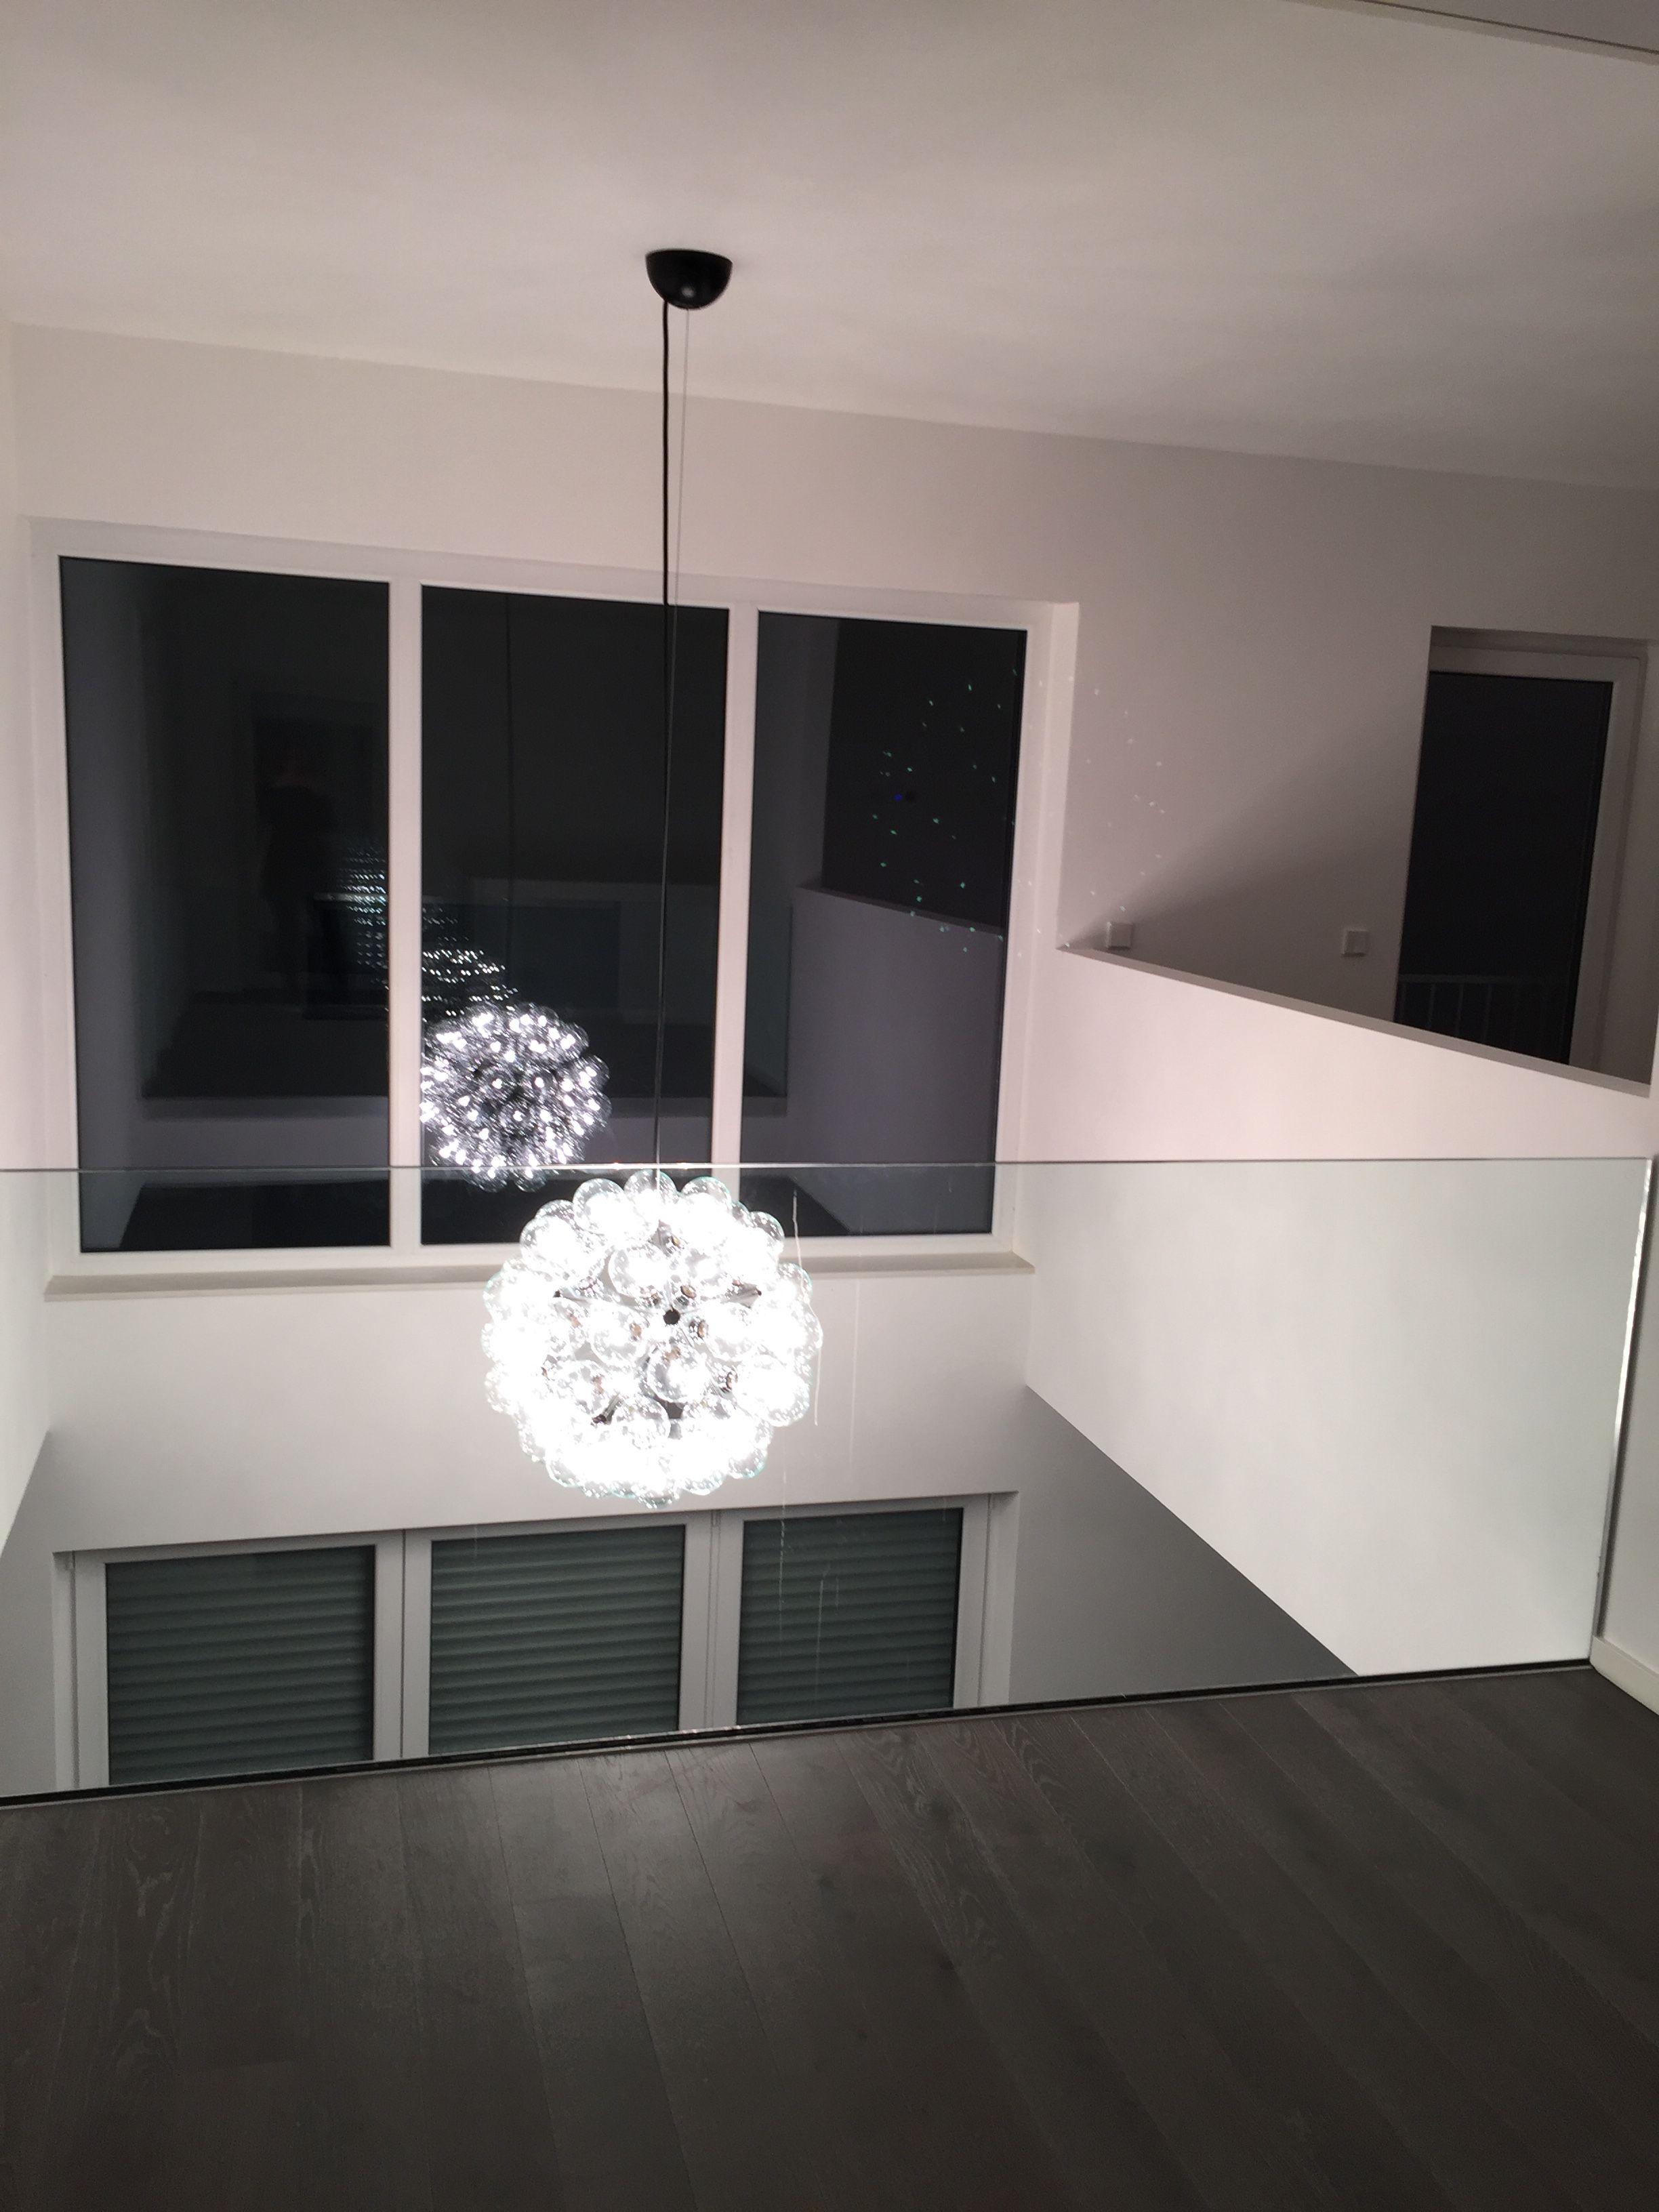 Pin Von Thomas Feigl Auf Haus Luftraum Galerie Haus Wohnzimmer Moderne Hausfassade Haus Innenarchitektur